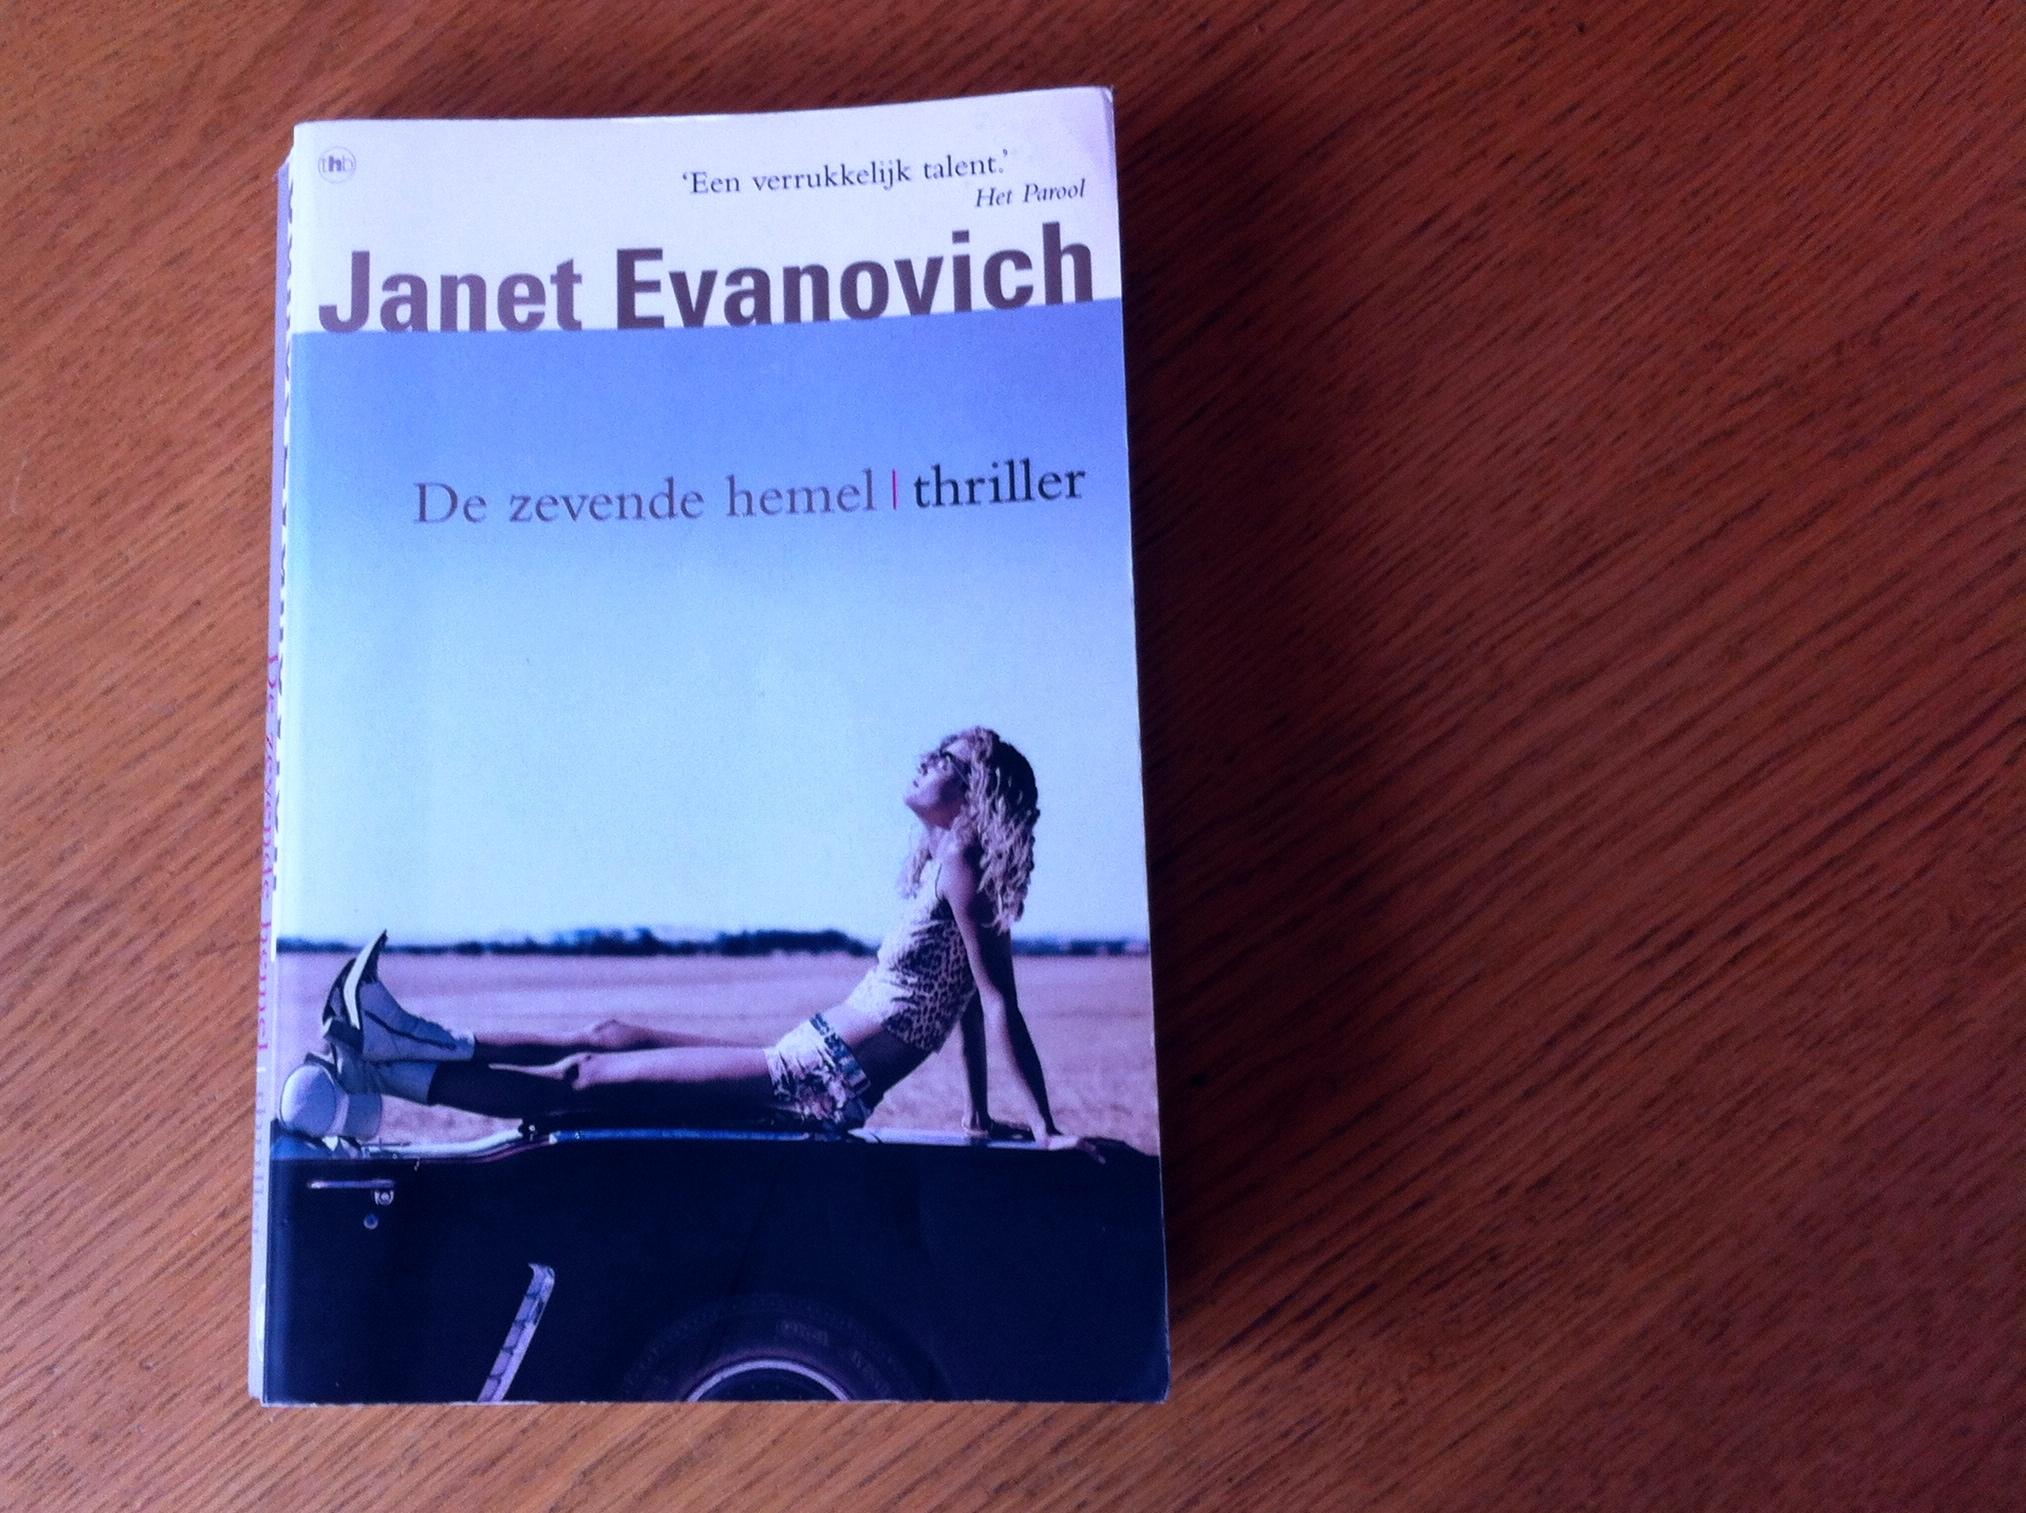 201402 Evanovich - Zevende hemel